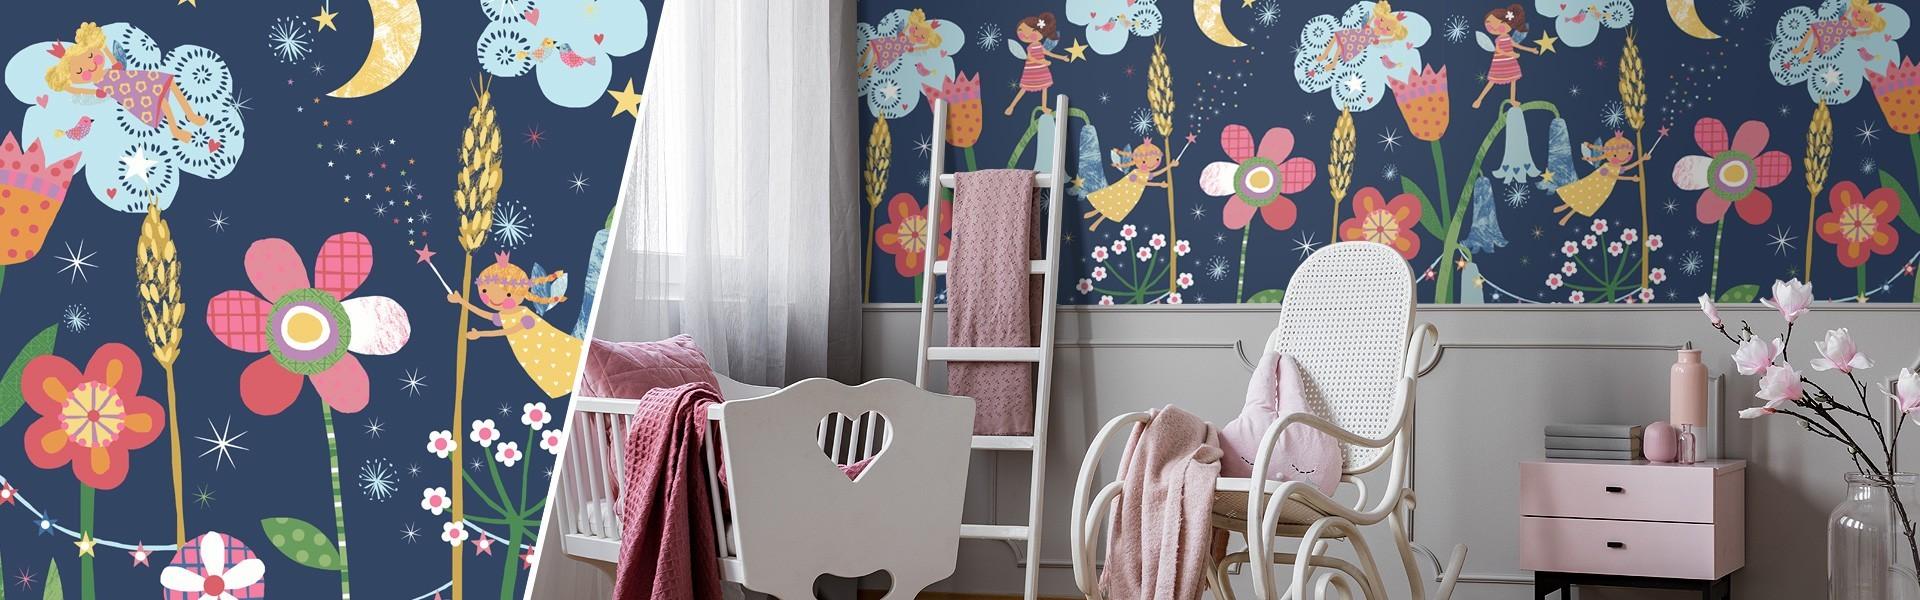 Full Size of Kinderzimmer Tapete Regal Weiß Küche Modern Fototapete Fenster Fototapeten Wohnzimmer Tapeten Für Die Sofa Schlafzimmer Regale Ideen Wohnzimmer Kinderzimmer Tapete